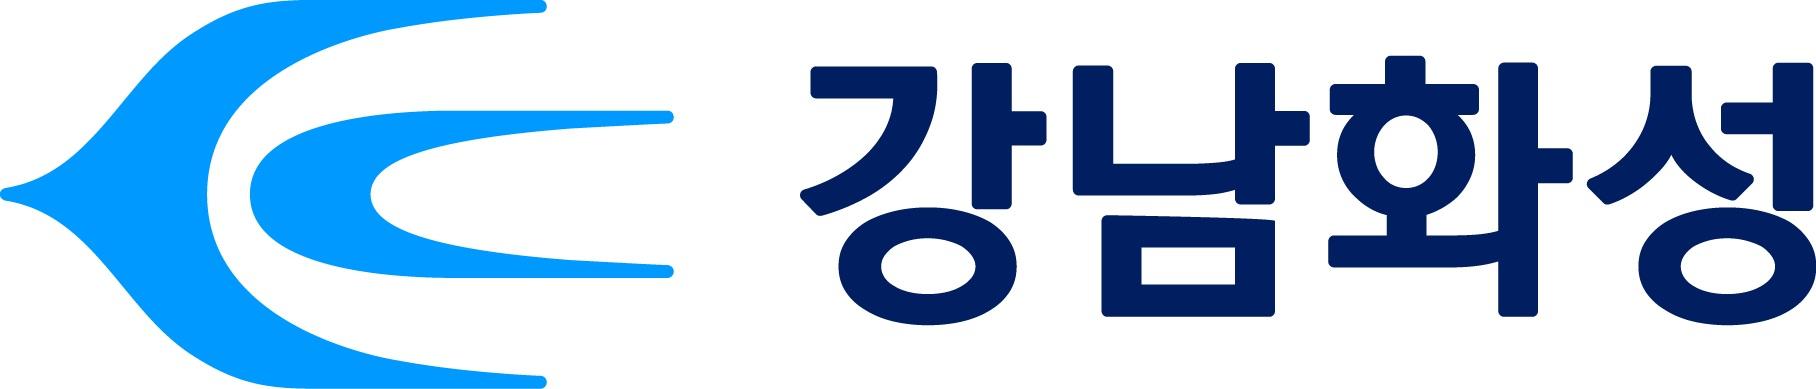 강남화성(주)의 기업로고